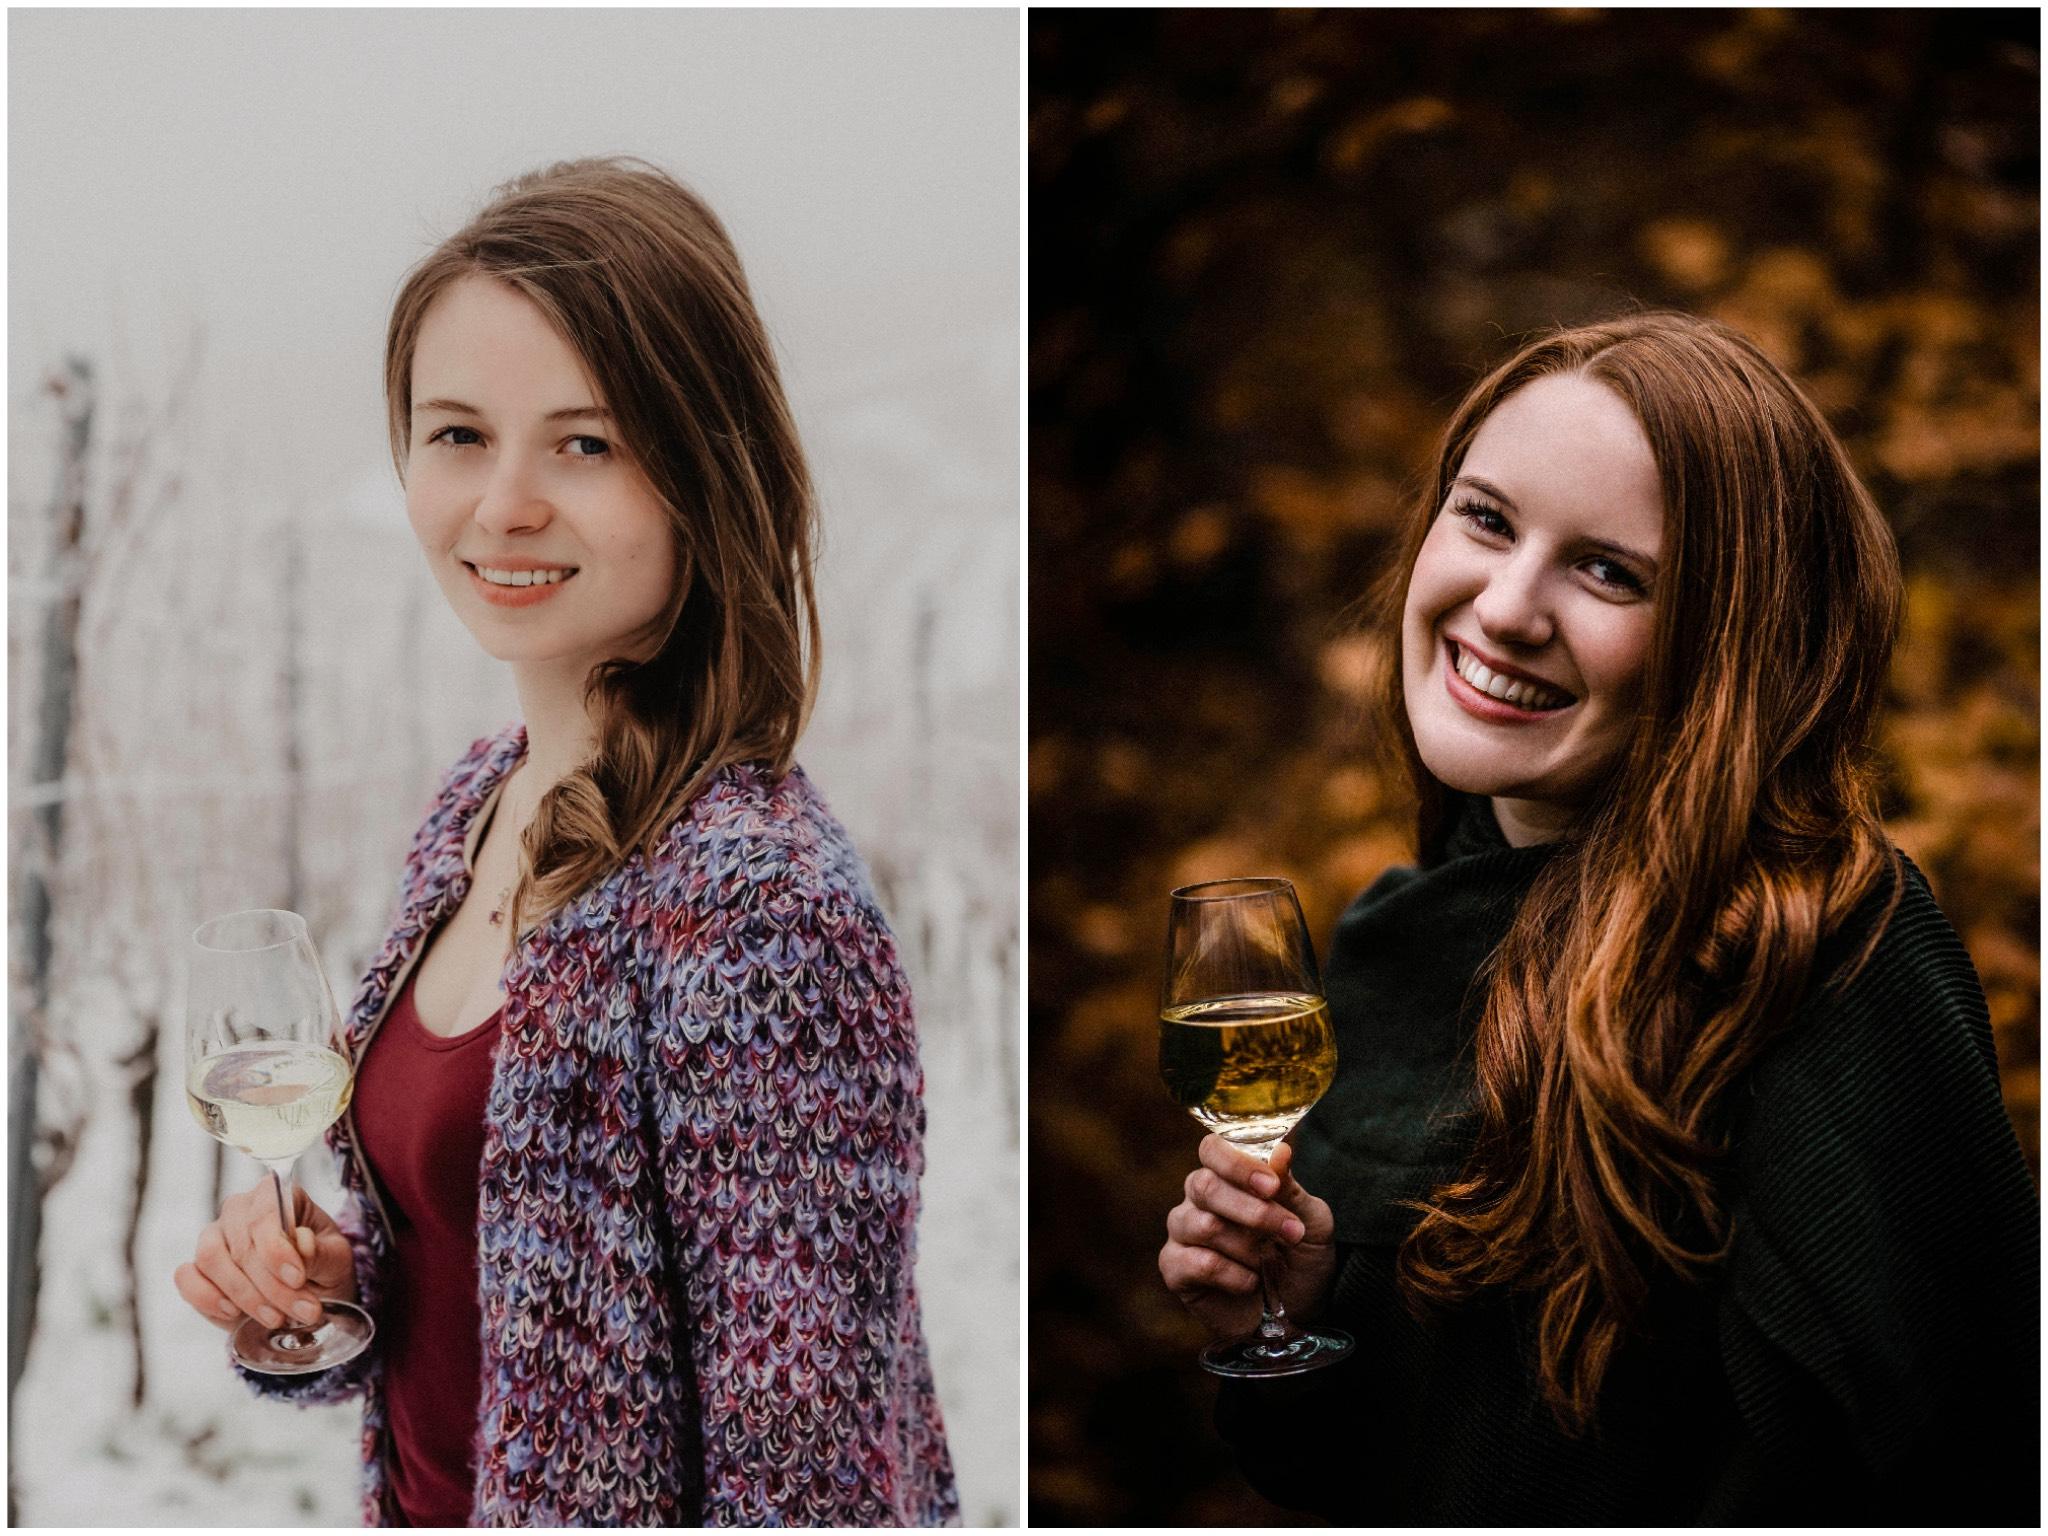 Julia Heindel (links) und Sina Kopp (rechts). Fotos: Fränkischer Weinbauverband e.V.